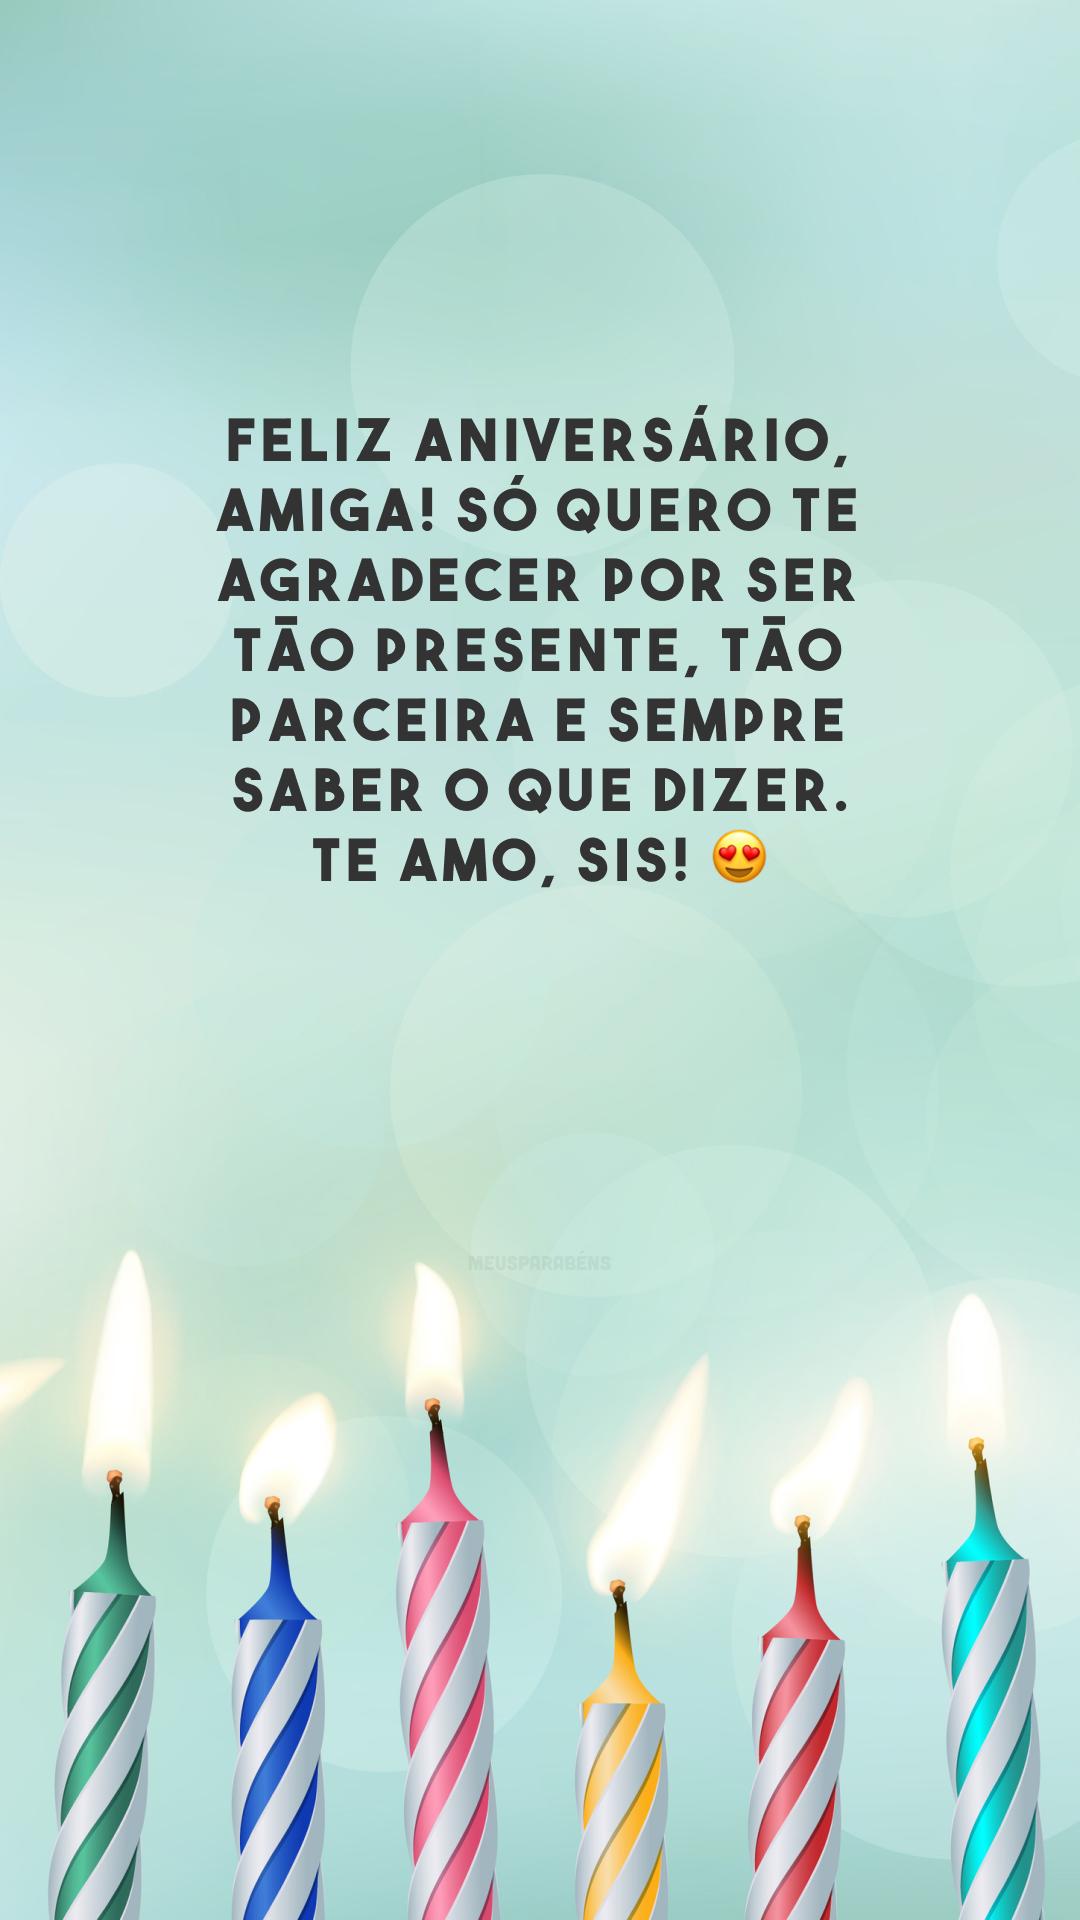 Feliz aniversário, amiga! Só quero te agradecer por ser tão presente, tão parceira e sempre saber o que dizer. Te amo, sis! 😍